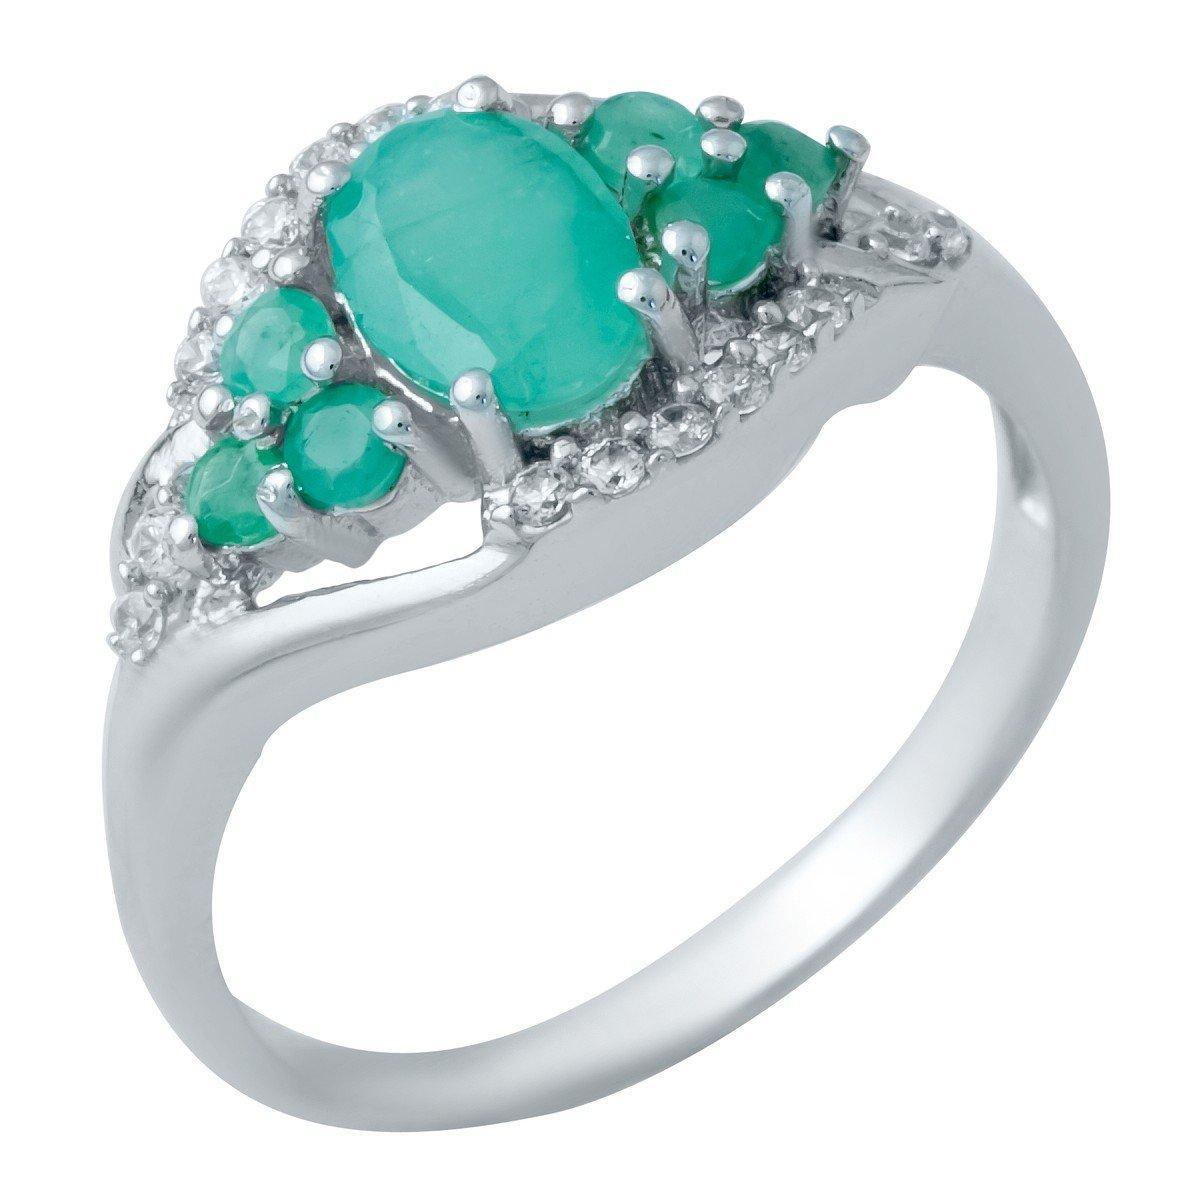 Серебряное кольцо DreamJewelry с натуральным изумрудом 1.19ct (1940679) 18.5 размер